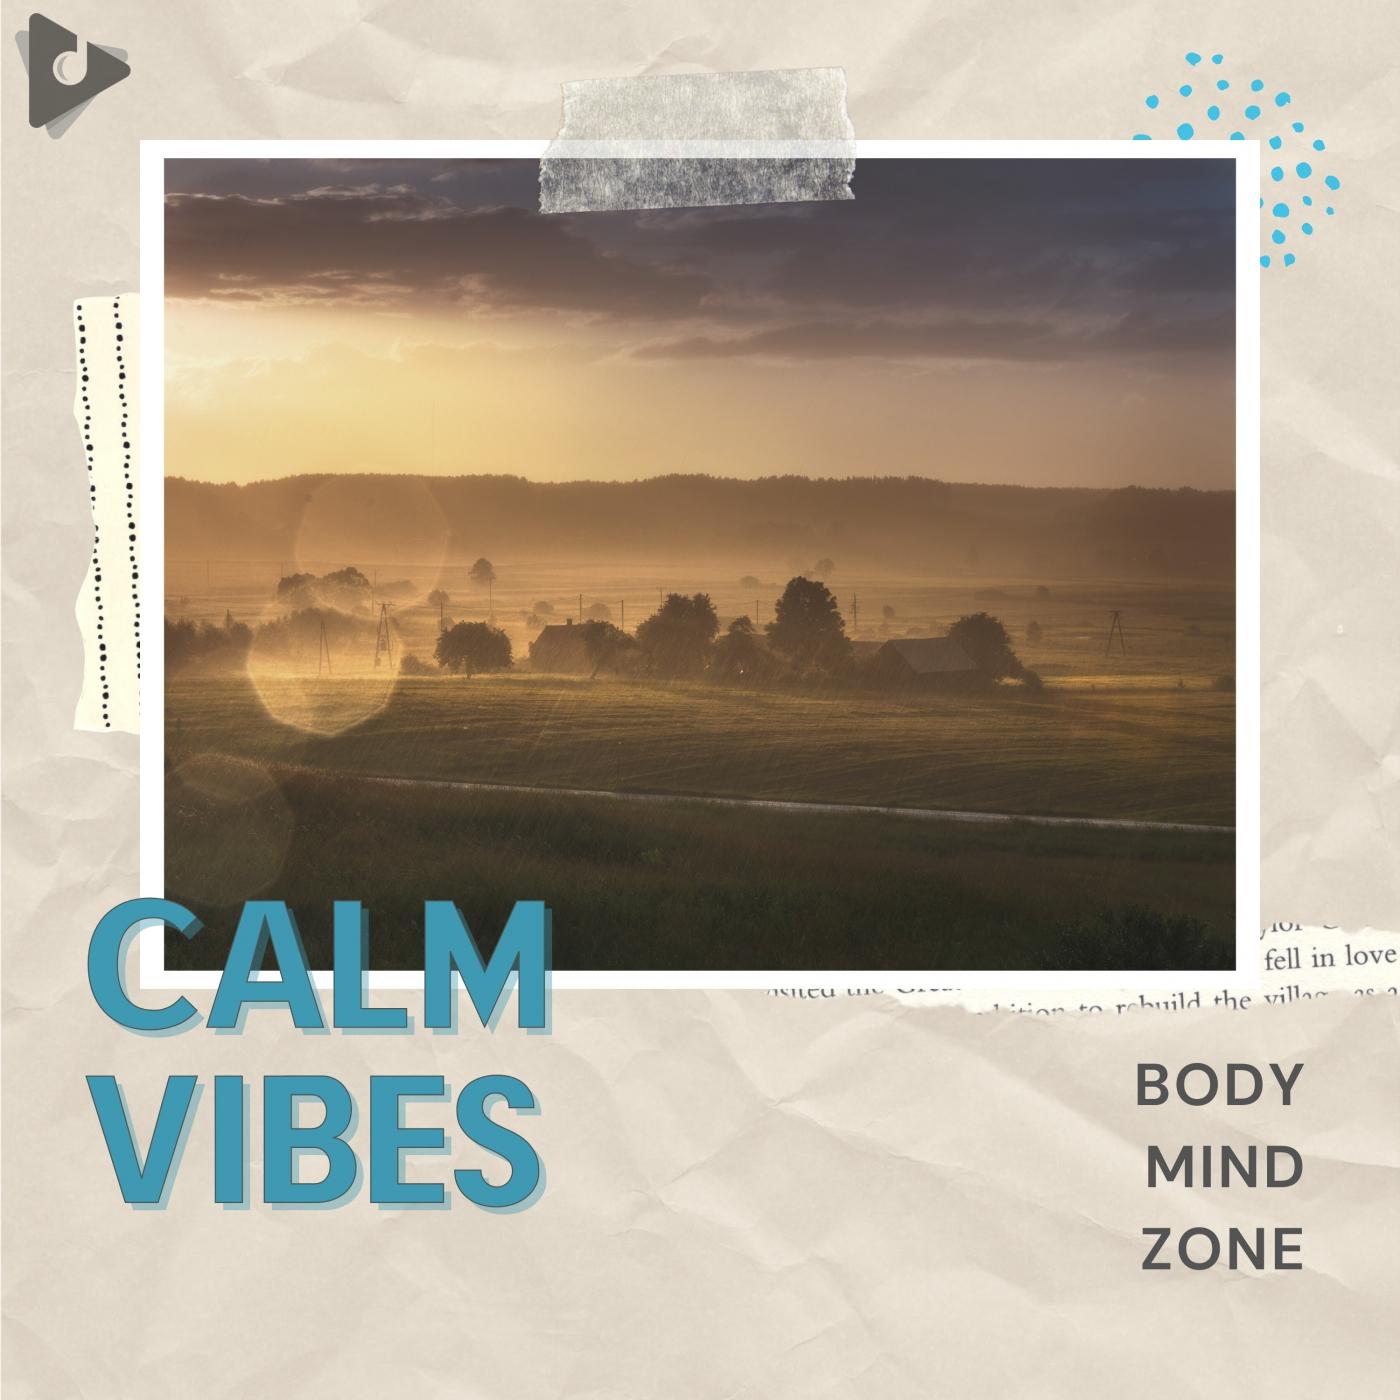 Body Mind Zone